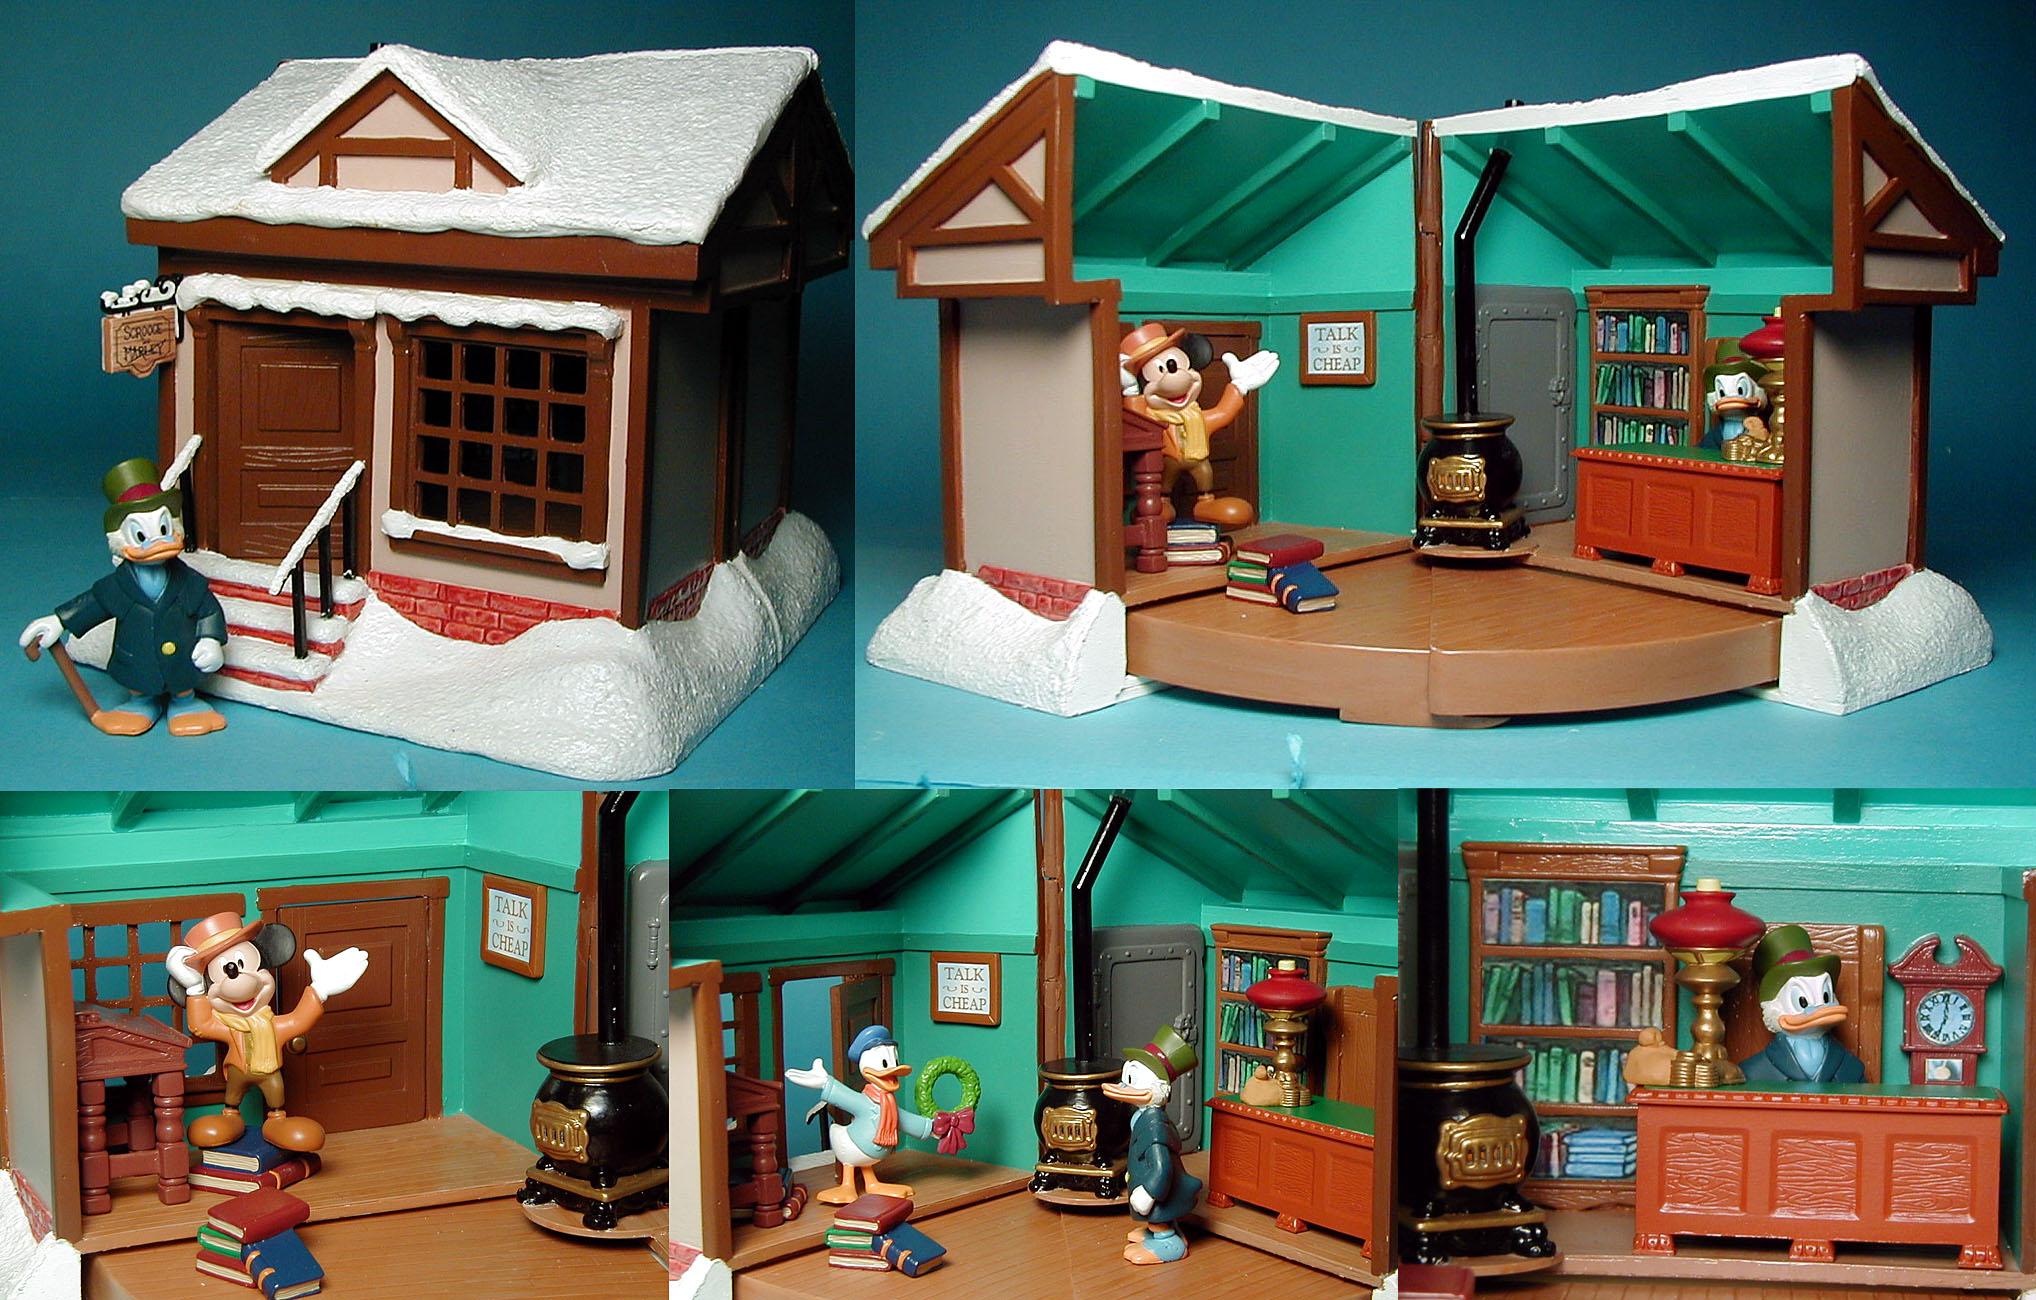 Disneys A Chrismas Carol Playset Scrooge McDuck, Kratchet and Donald